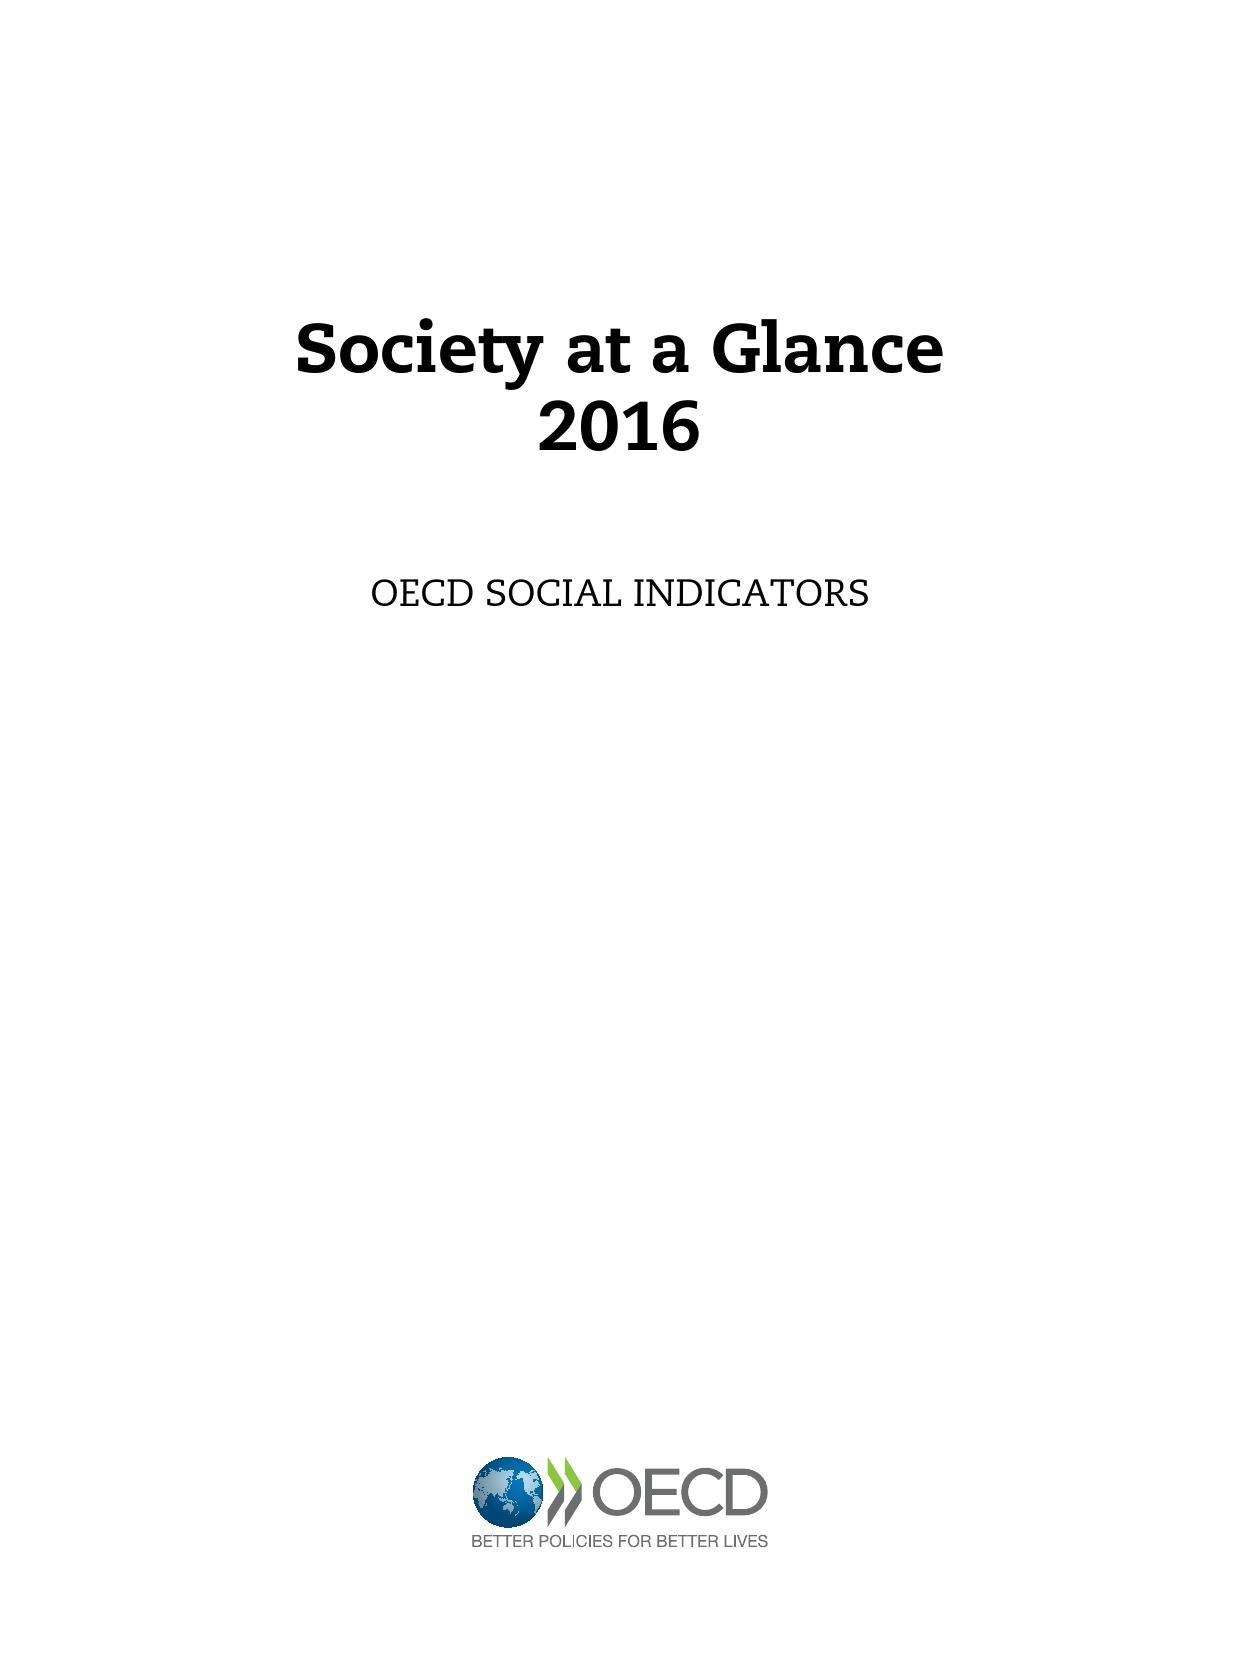 2016年OECD国家社会概览报告_000003